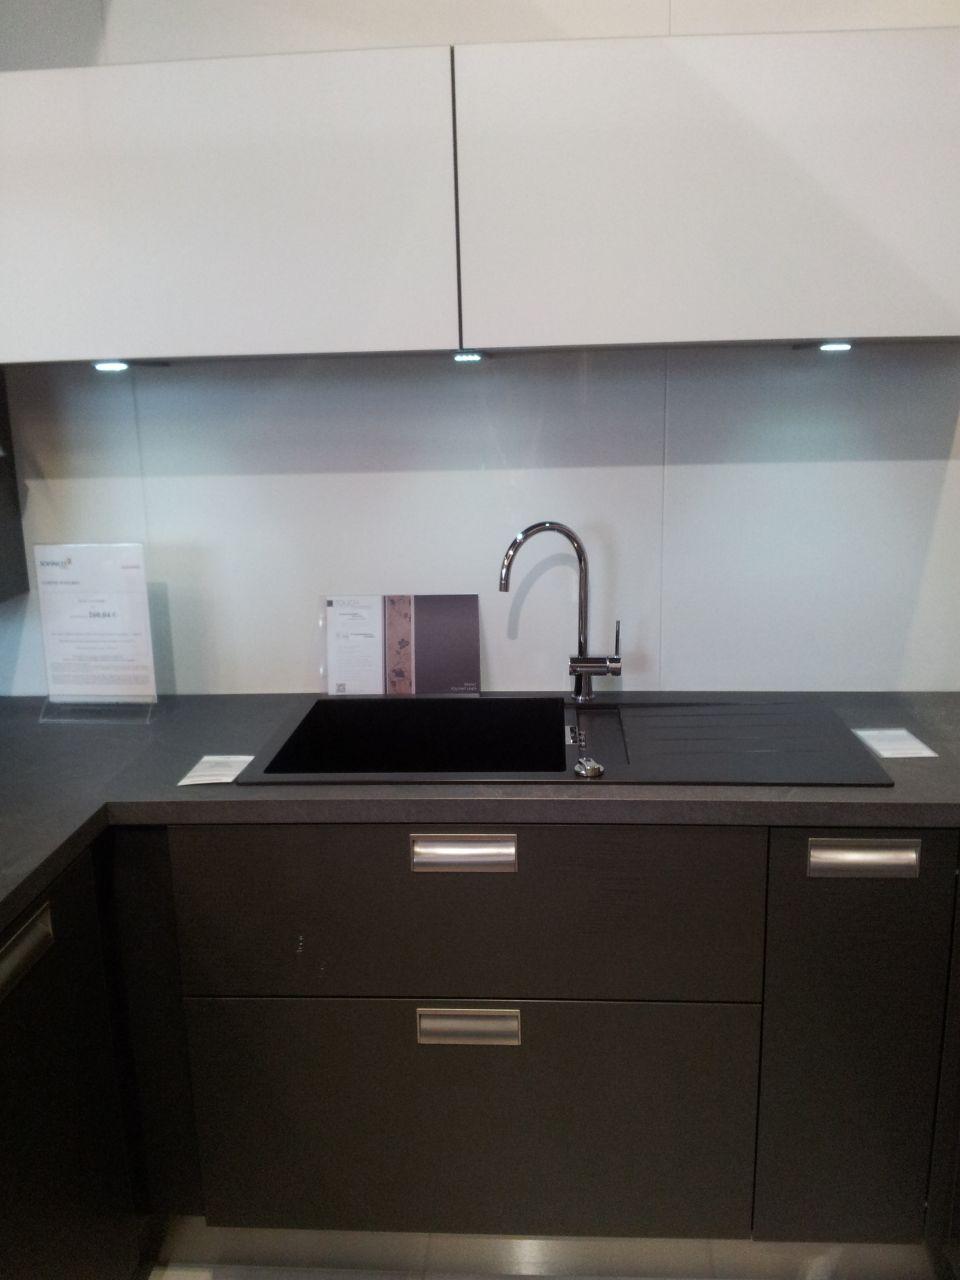 Modèle d'expo chez cuisinella, style du meuble haut, du lavabo (choisit en 1 bac et demi) et de la plomberie.